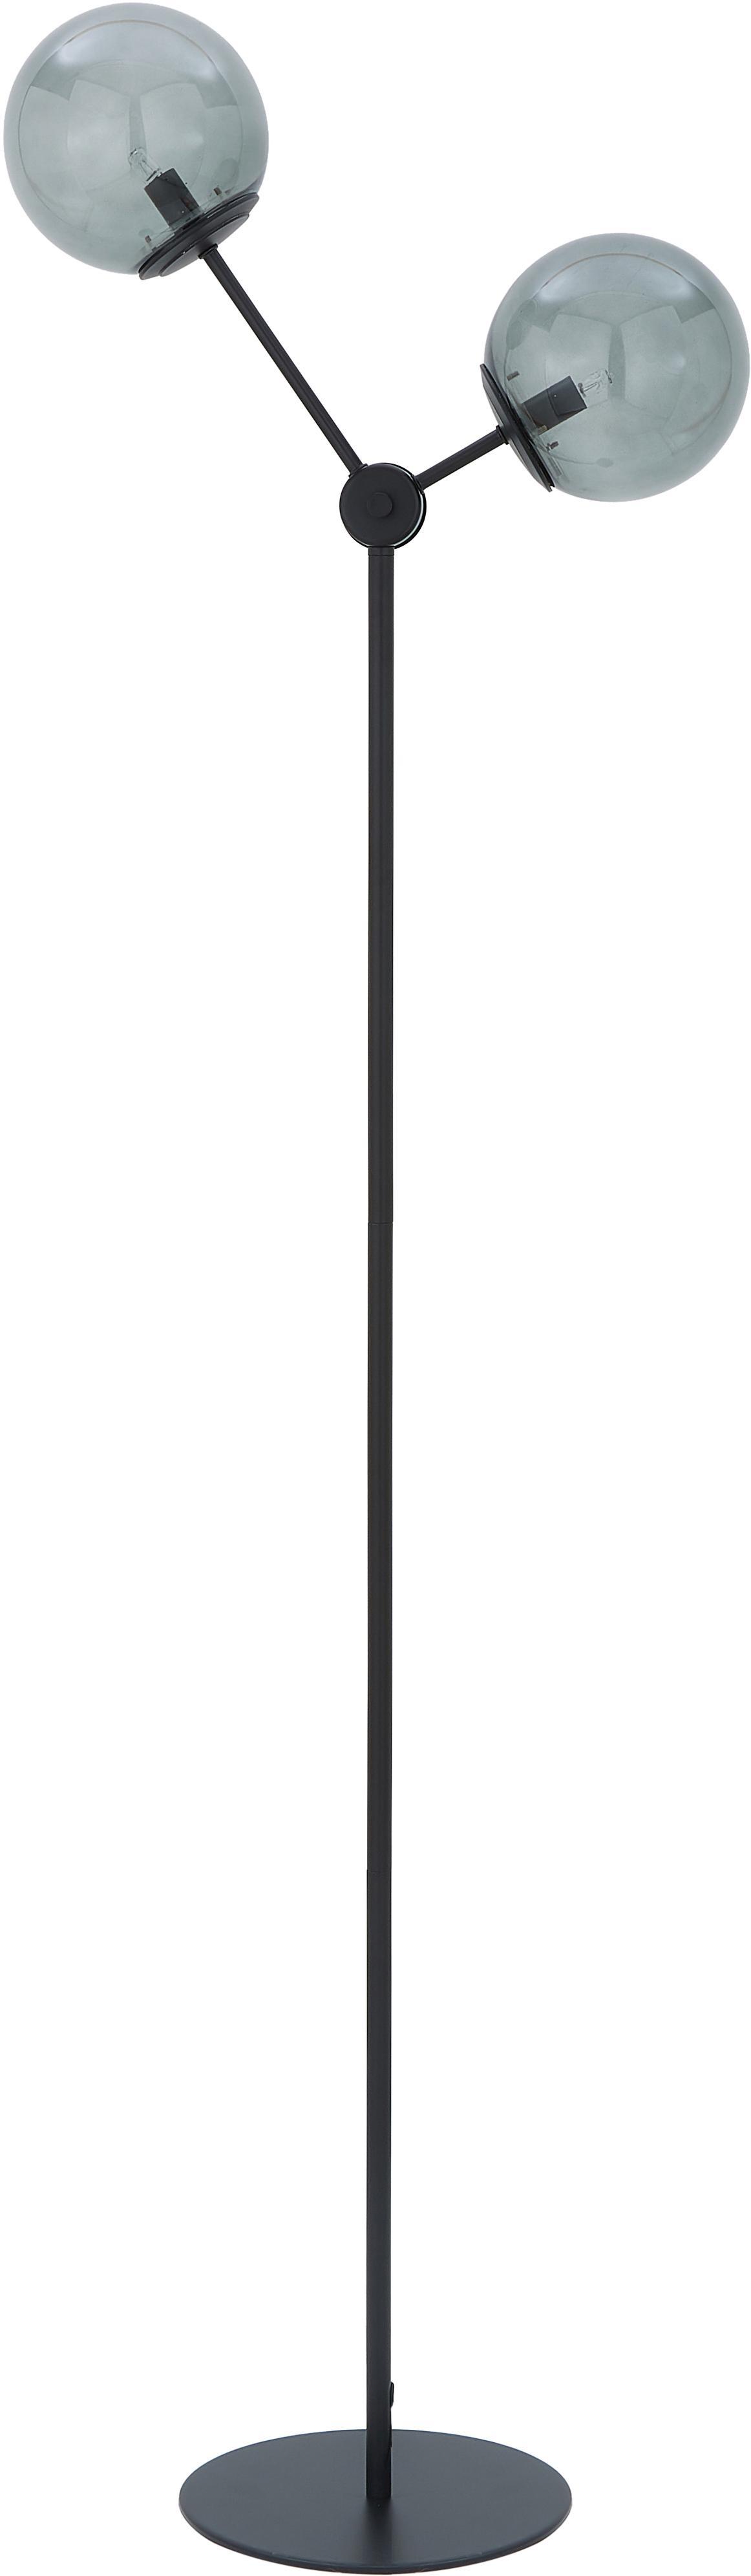 Stehlampe Aurelia in Schwarz, Lampenfuß: Metall, pulverbeschichtet, Schwarz, Grau, Ø 17 x H 155 cm